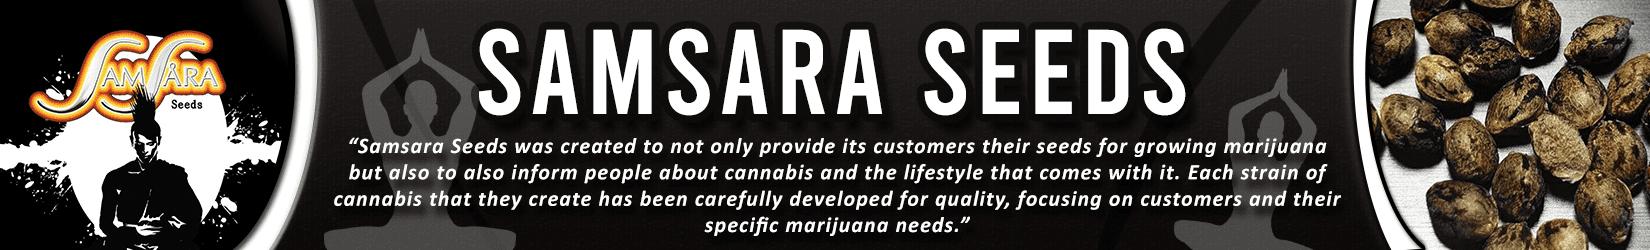 Cannabis Seeds Breeder - Samsara Seeds